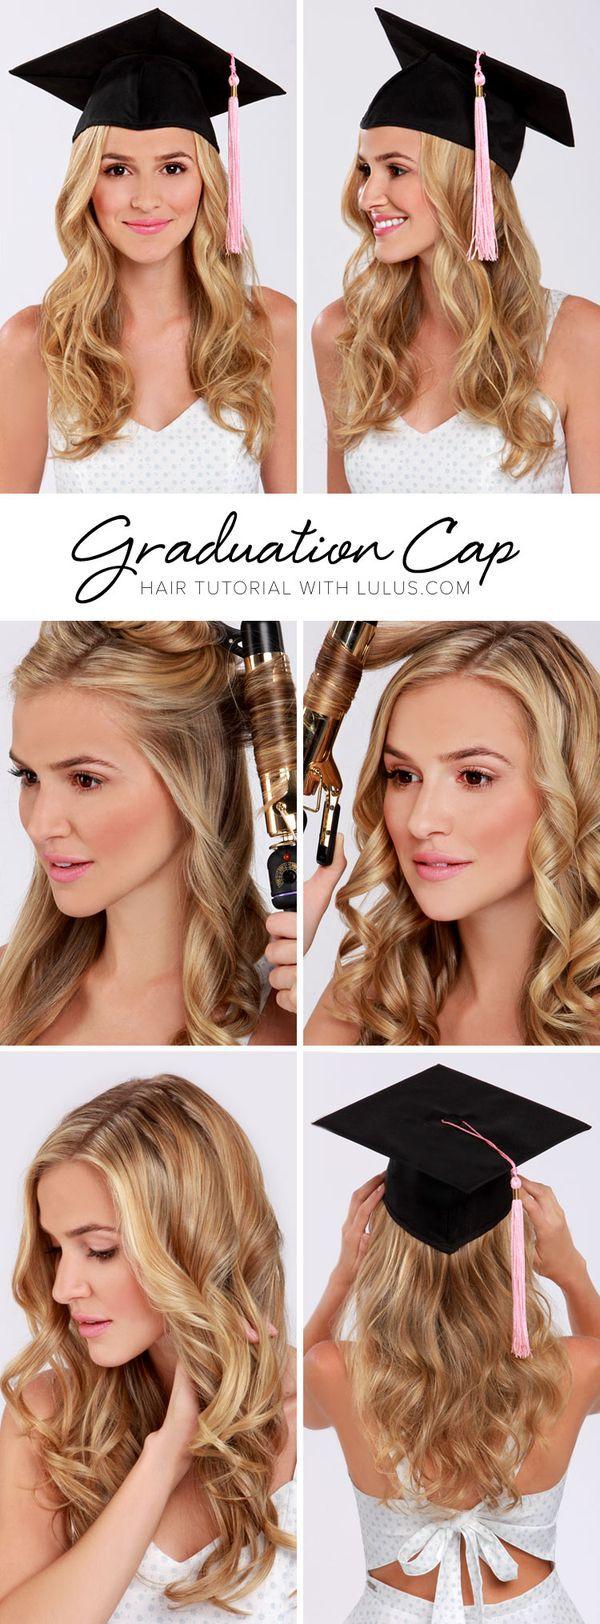 best 10+ graduation hairstyles ideas on pinterest | hair styles